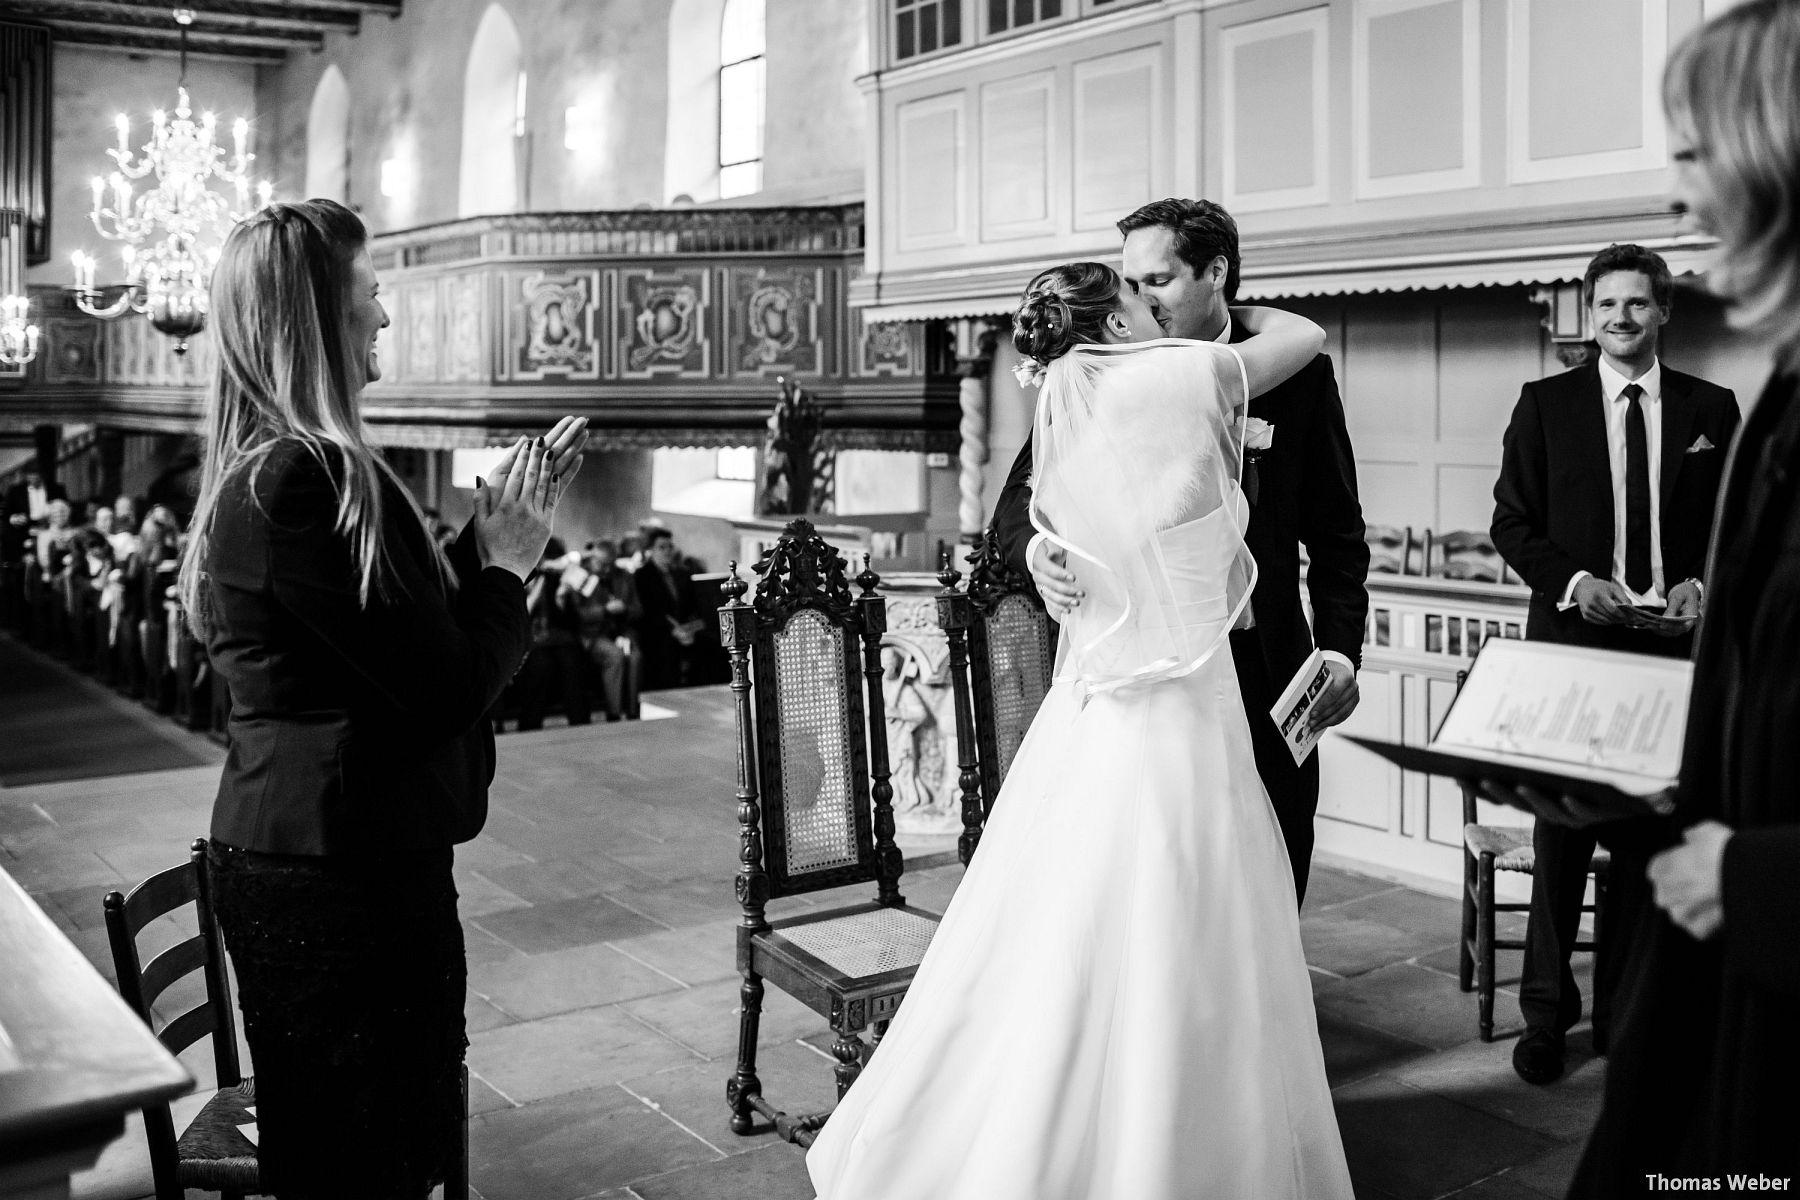 Hochzeitsfotograf Rastede: Kirchliche Trauung in der St. Ulrichs Kirche Rastede und Hochzeitsfeier in der Eventscheune St Georg Rastede mit dem Catering von Split Food (Michael Niebuhr) aus Oldenburg (30)